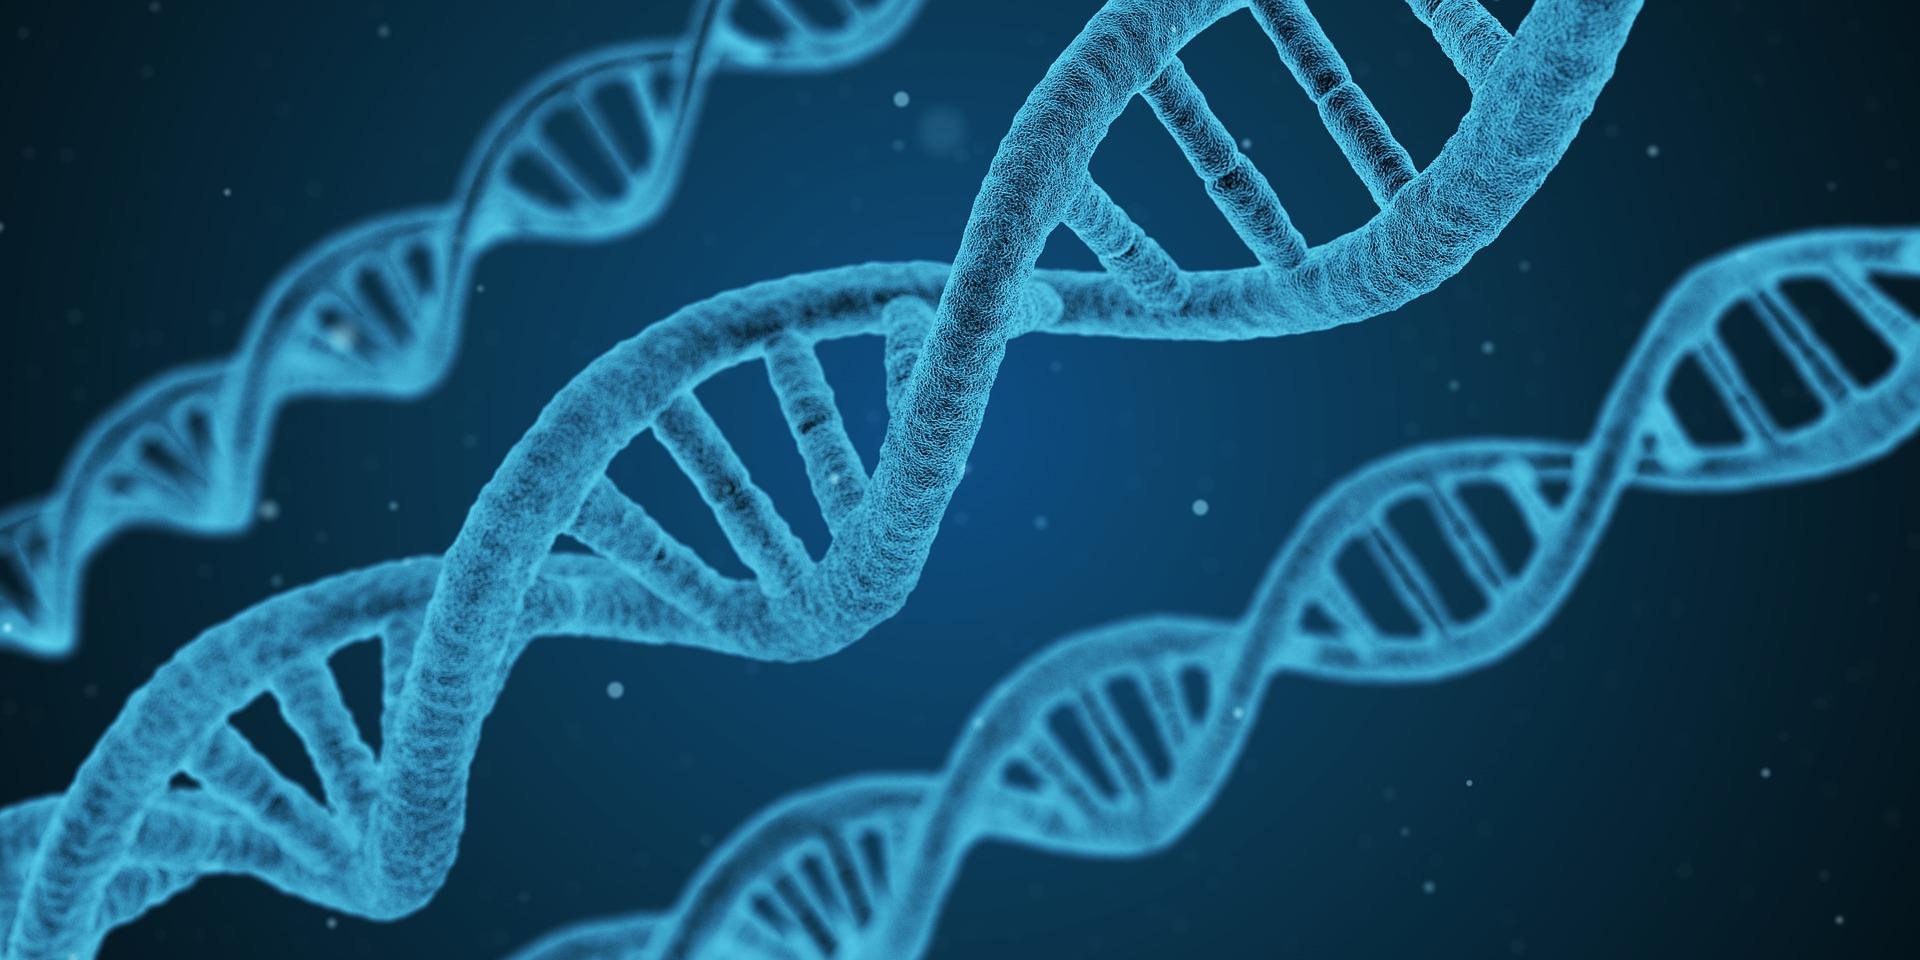 Jak novi tehnologiї dopomagajuť u vyvčenni ljudśkogo genomu